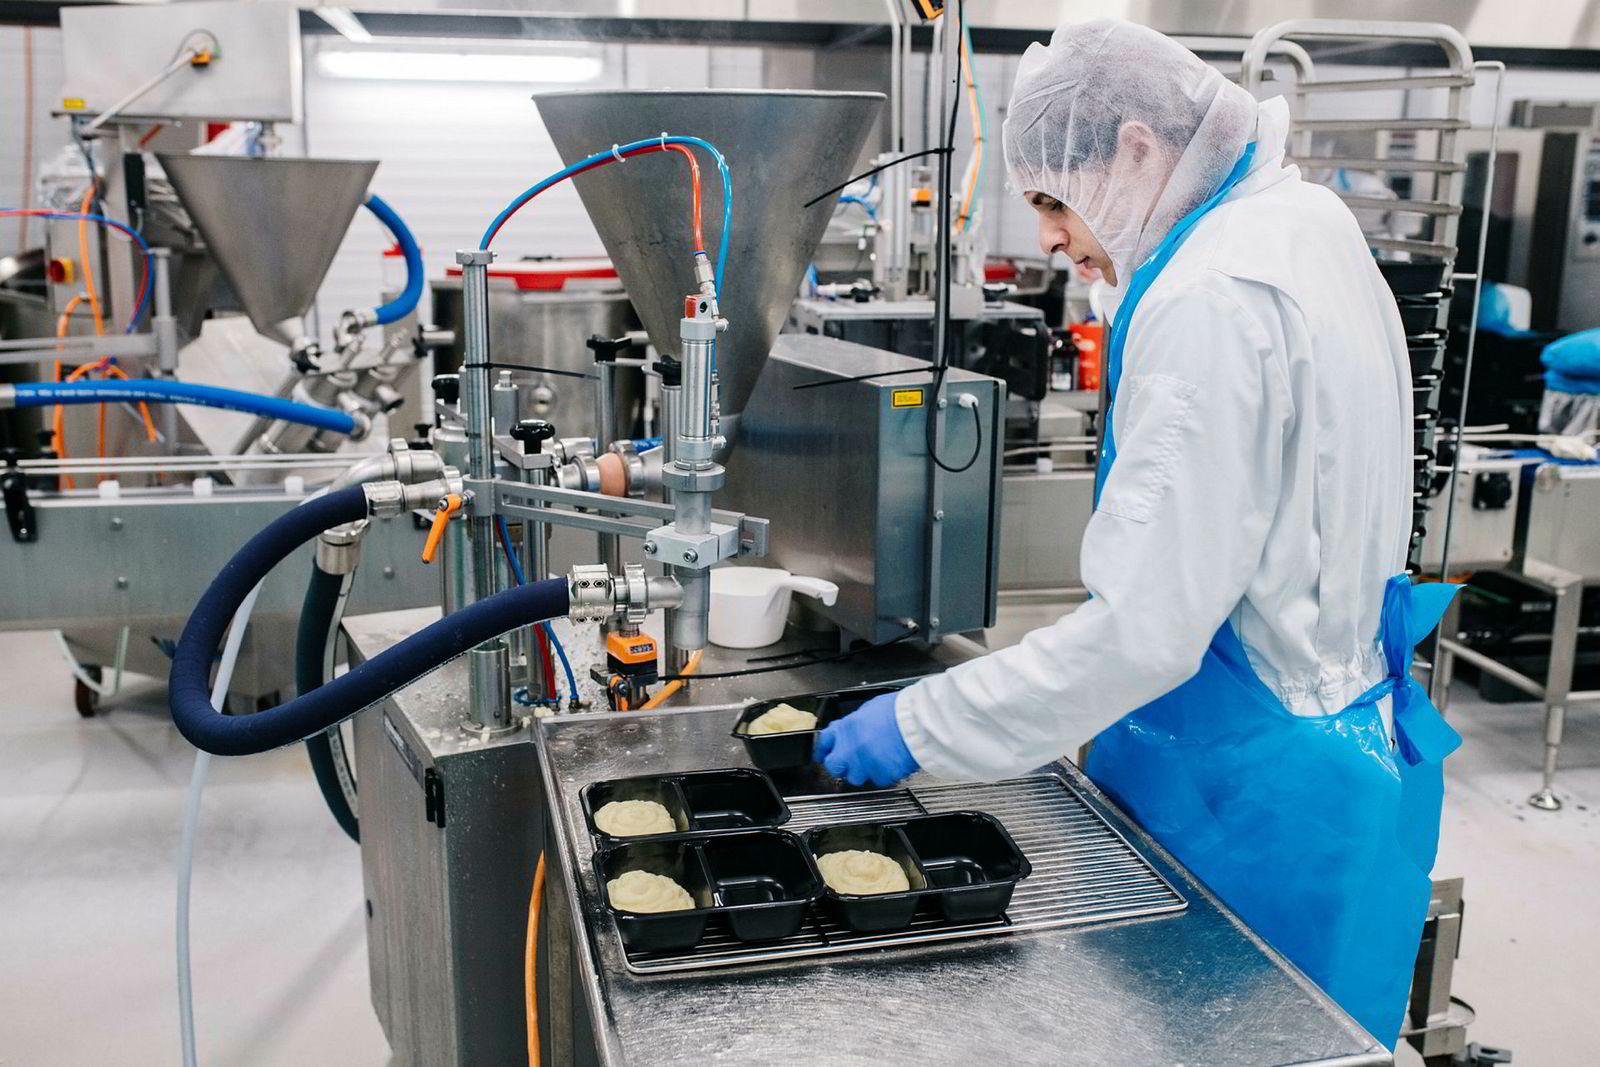 Produksjonsmedarbeider Danica Ellefsen i Matprodusenten fyller potetstappe i pakningene til en av Mere Mats ferdigretter.